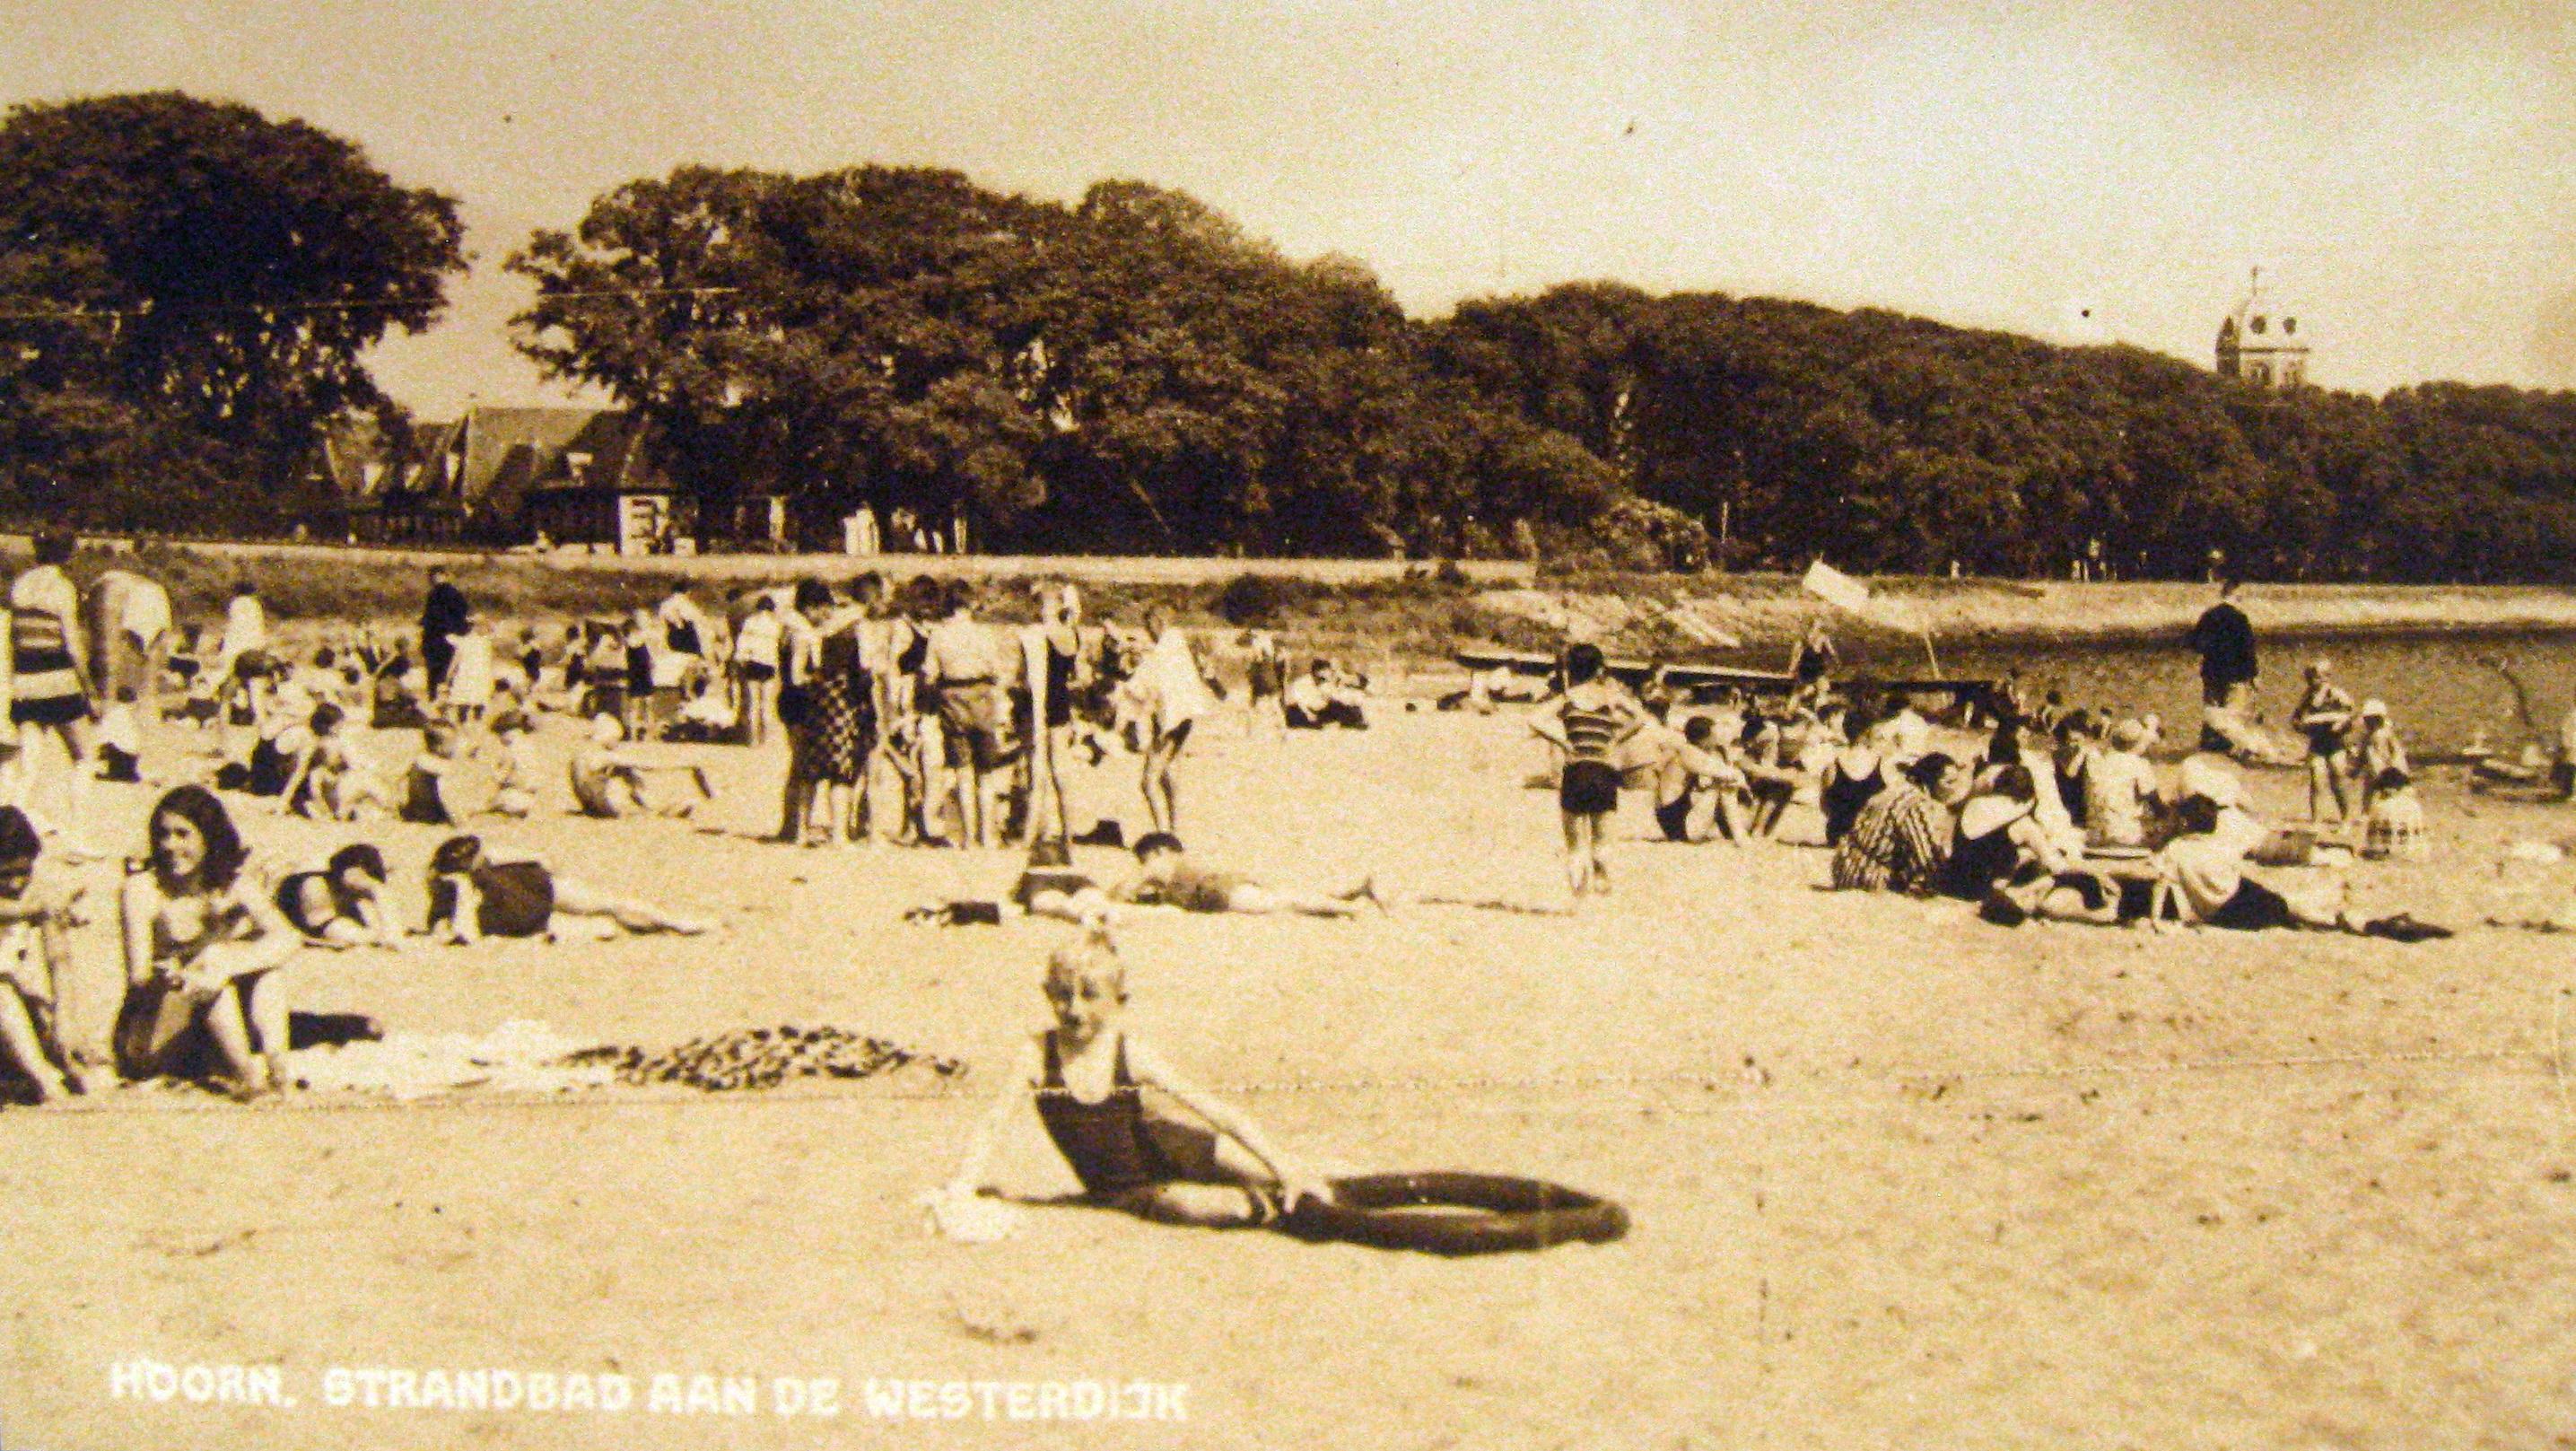 Het strandbad aan de Westerdijk. (Foto: aangeleverd)